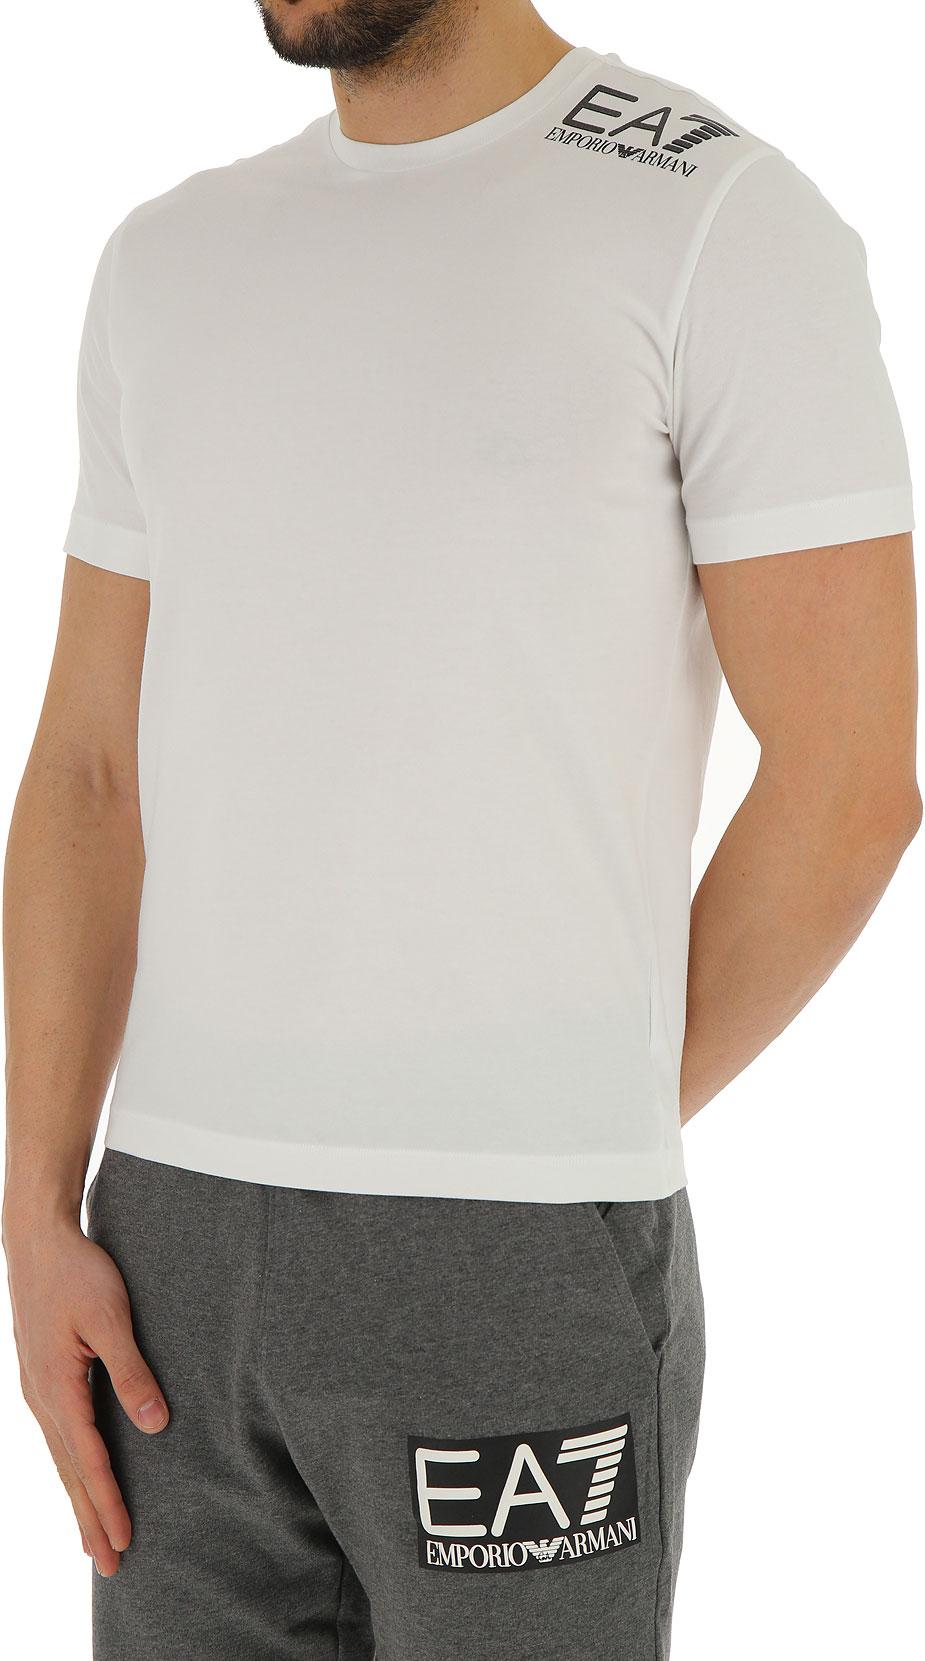 Abbigliamento Uomo Emporio Armani, Codice Articolo: 6yptb6-pj18z-1100